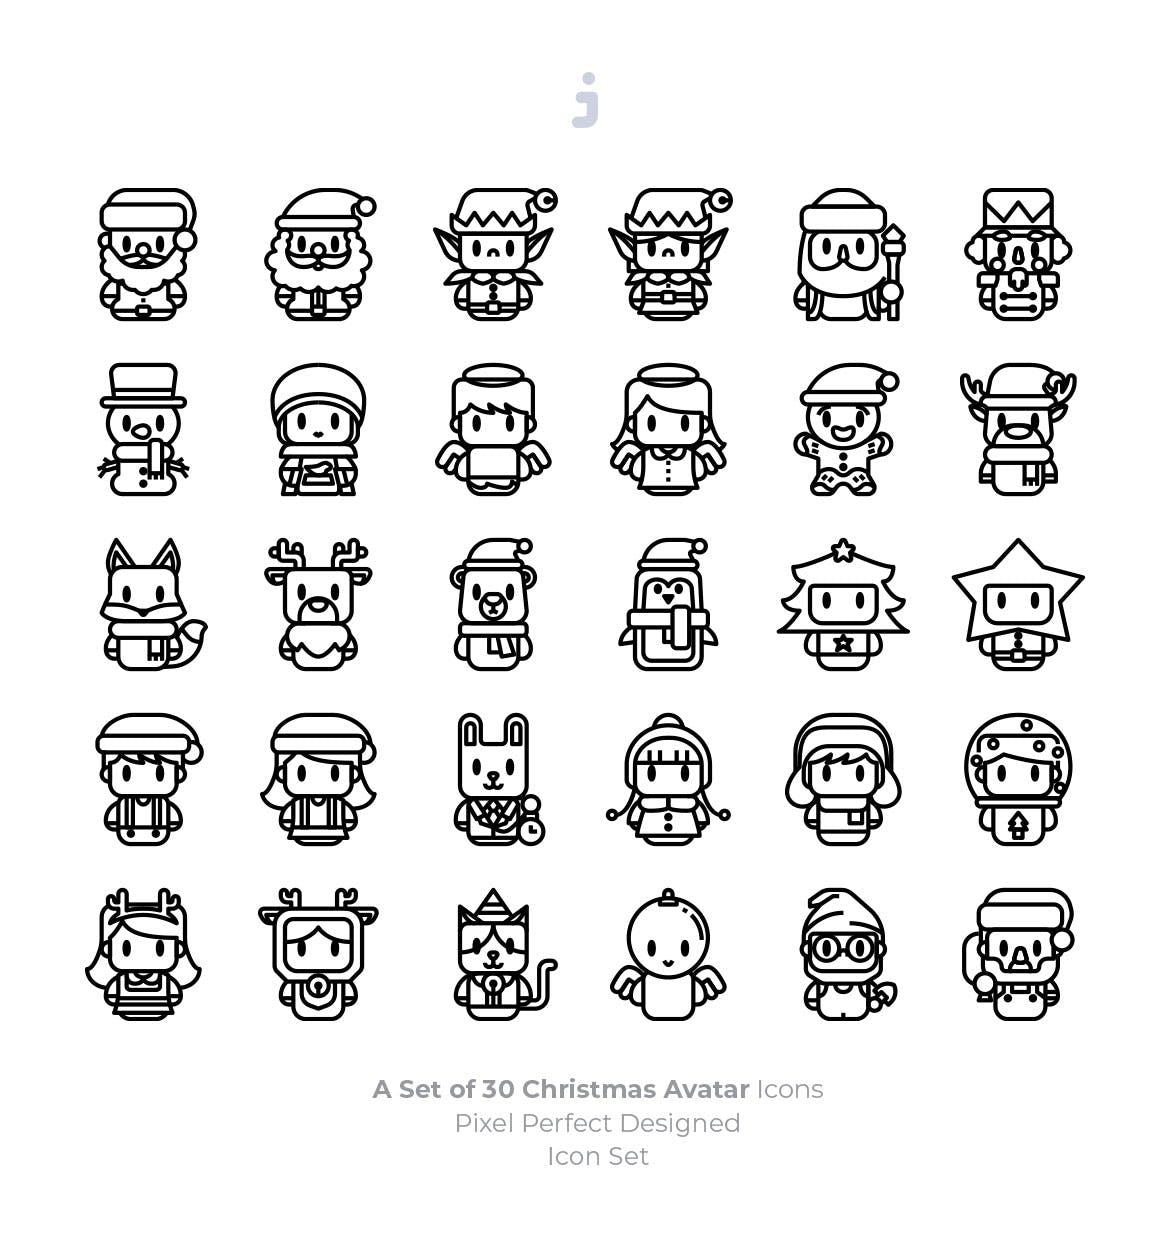 可爱圣诞卡通形象图标设计素材ICON矢量图标[Ai] christmas-avatar-icons-EX5C67B